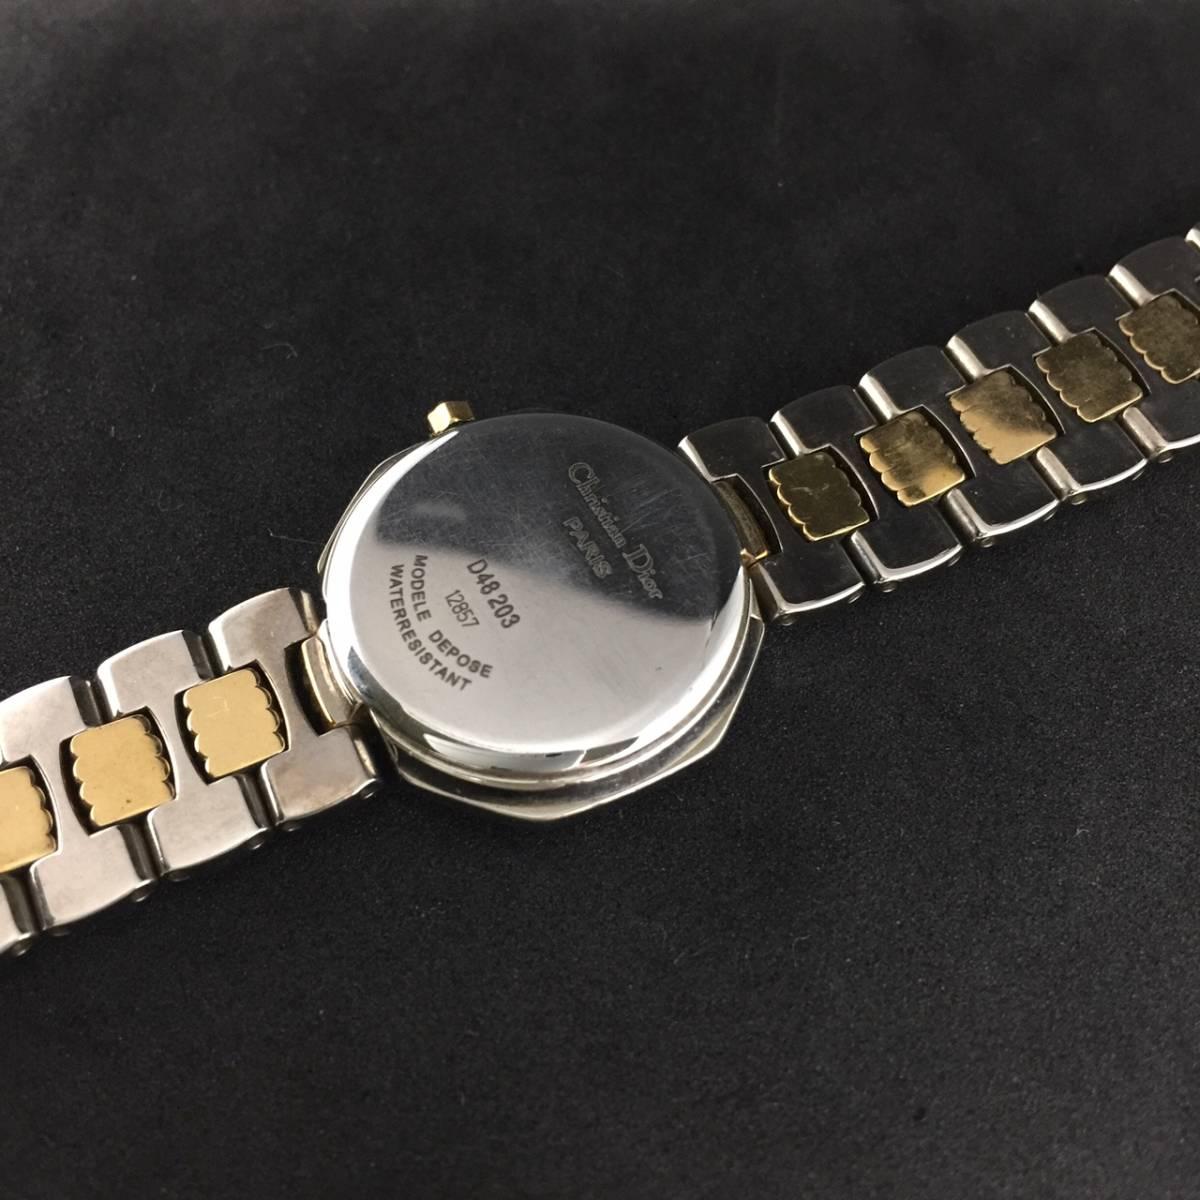 【1円~】Christian Dior クリスチャンディオール 腕時計 レディース D48-203 オクタゴン デイト コンビ 可動品_画像7